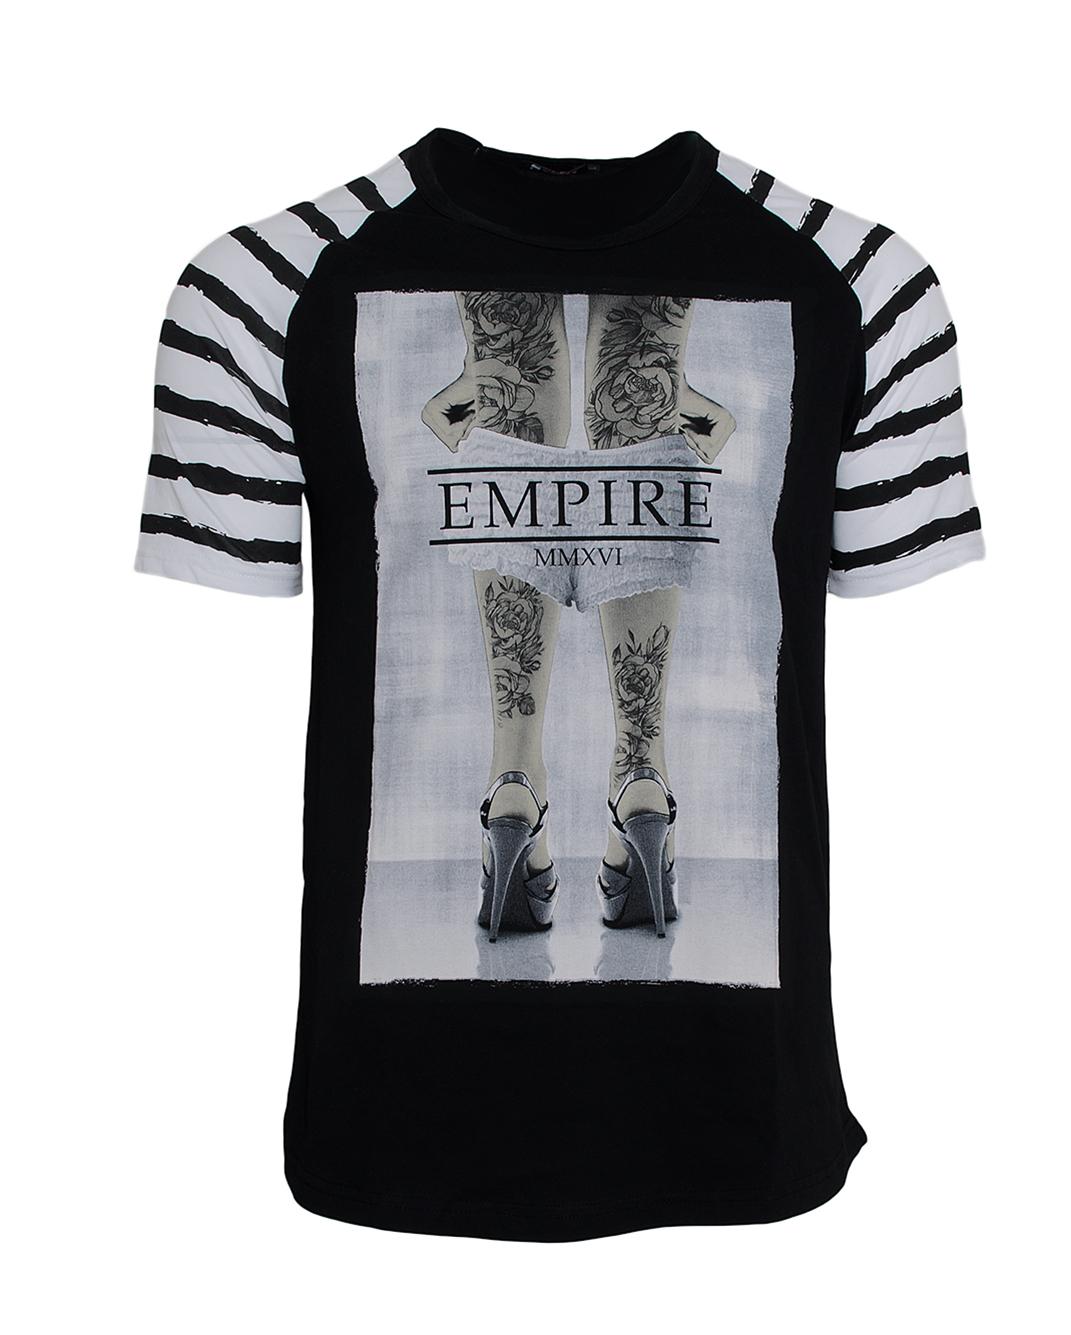 Ανδρικό T-shirt Empire-Μαύρο αρχική ανδρικά ρούχα επιλογή ανά προϊόν t shirts